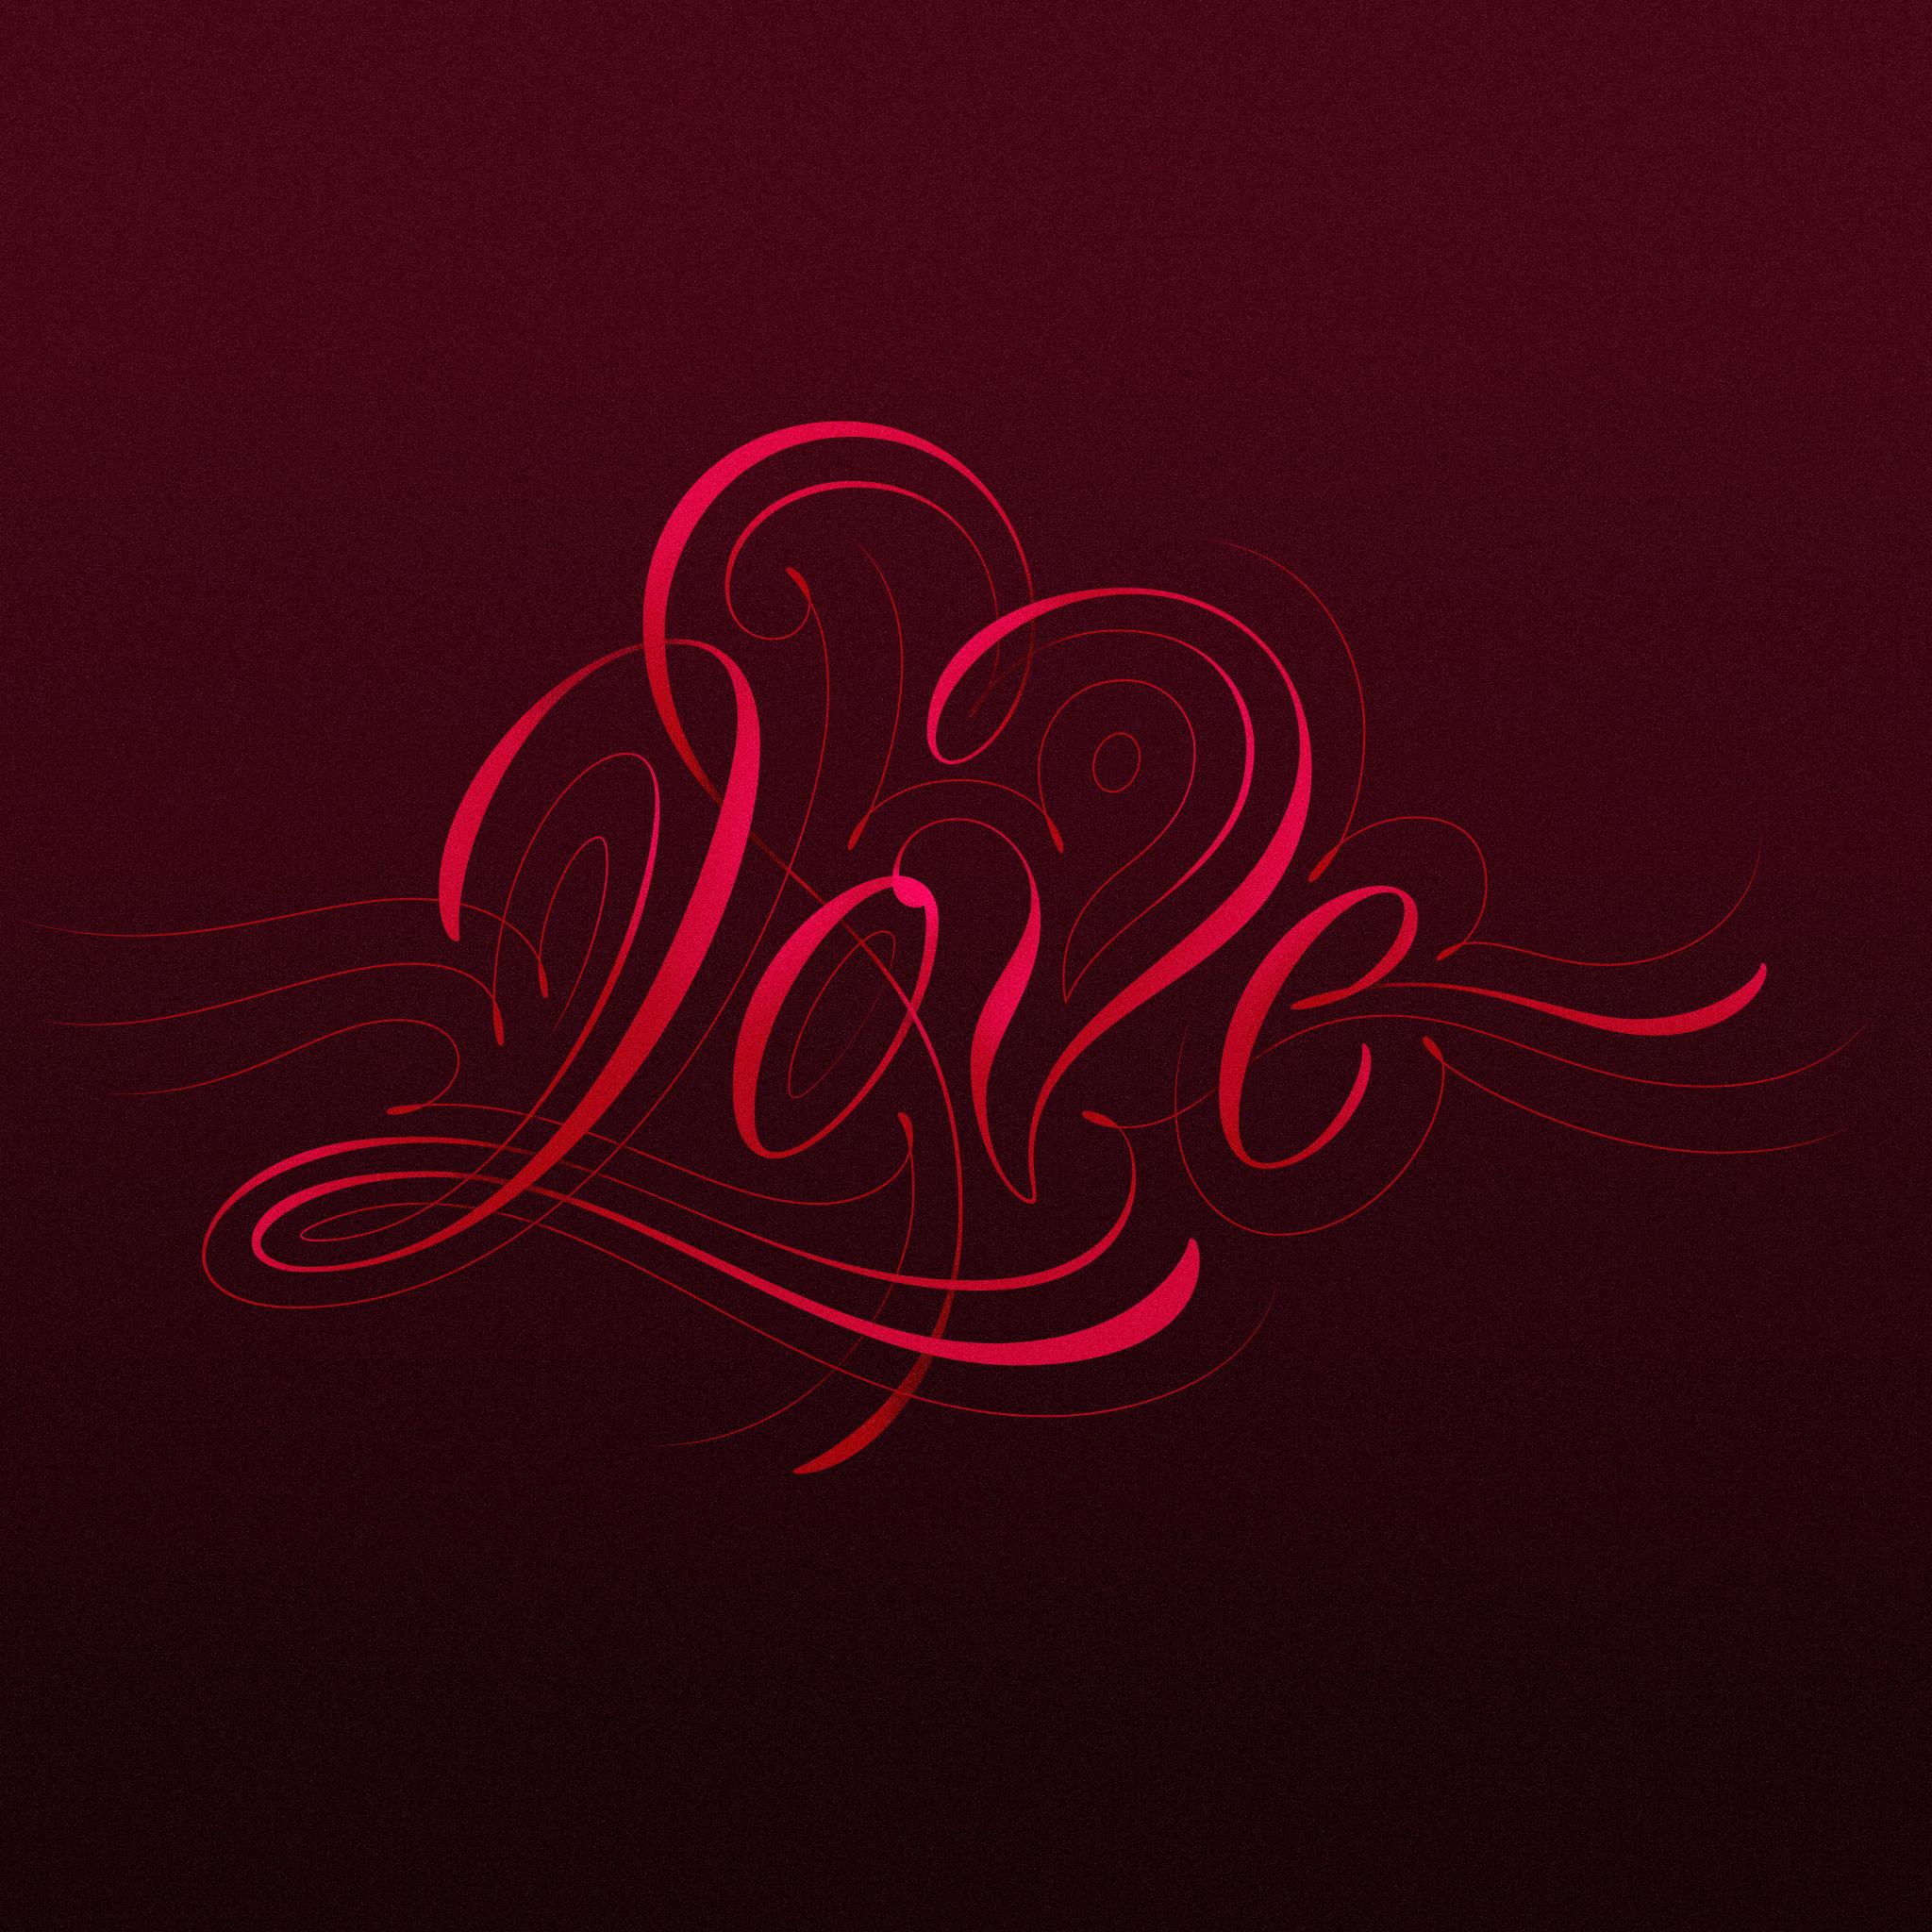 Love Lettering by Dan Forster